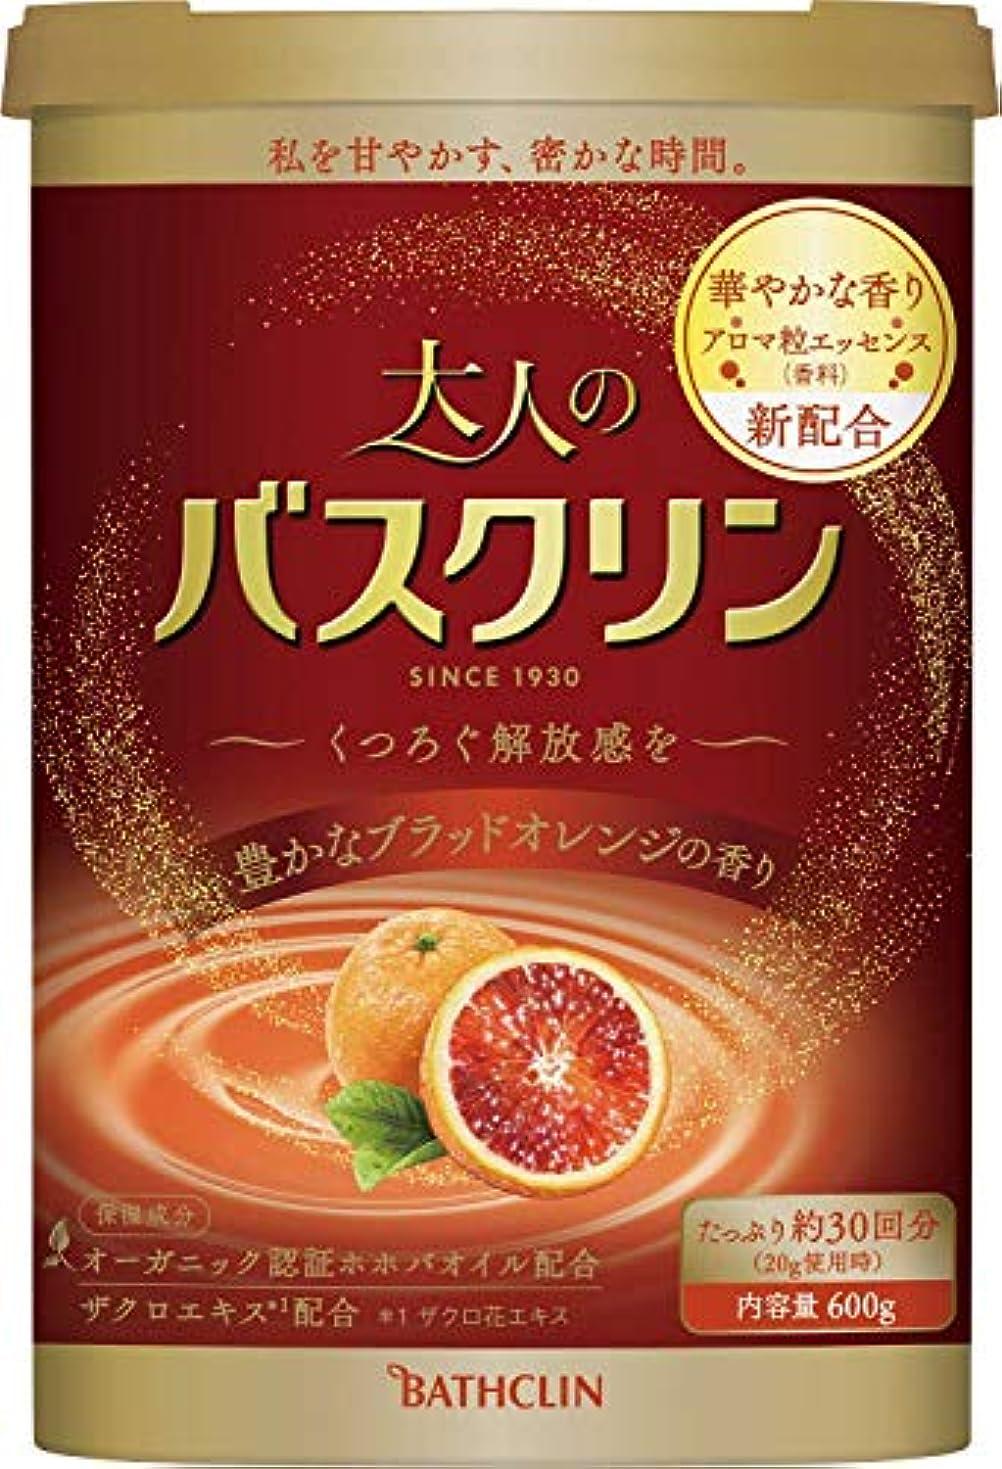 セマフォつなぐ行き当たりばったり大人のバスクリン入浴剤 豊かなブラッドオレンジの香り600g(約30回分) リラックス にごりタイプ